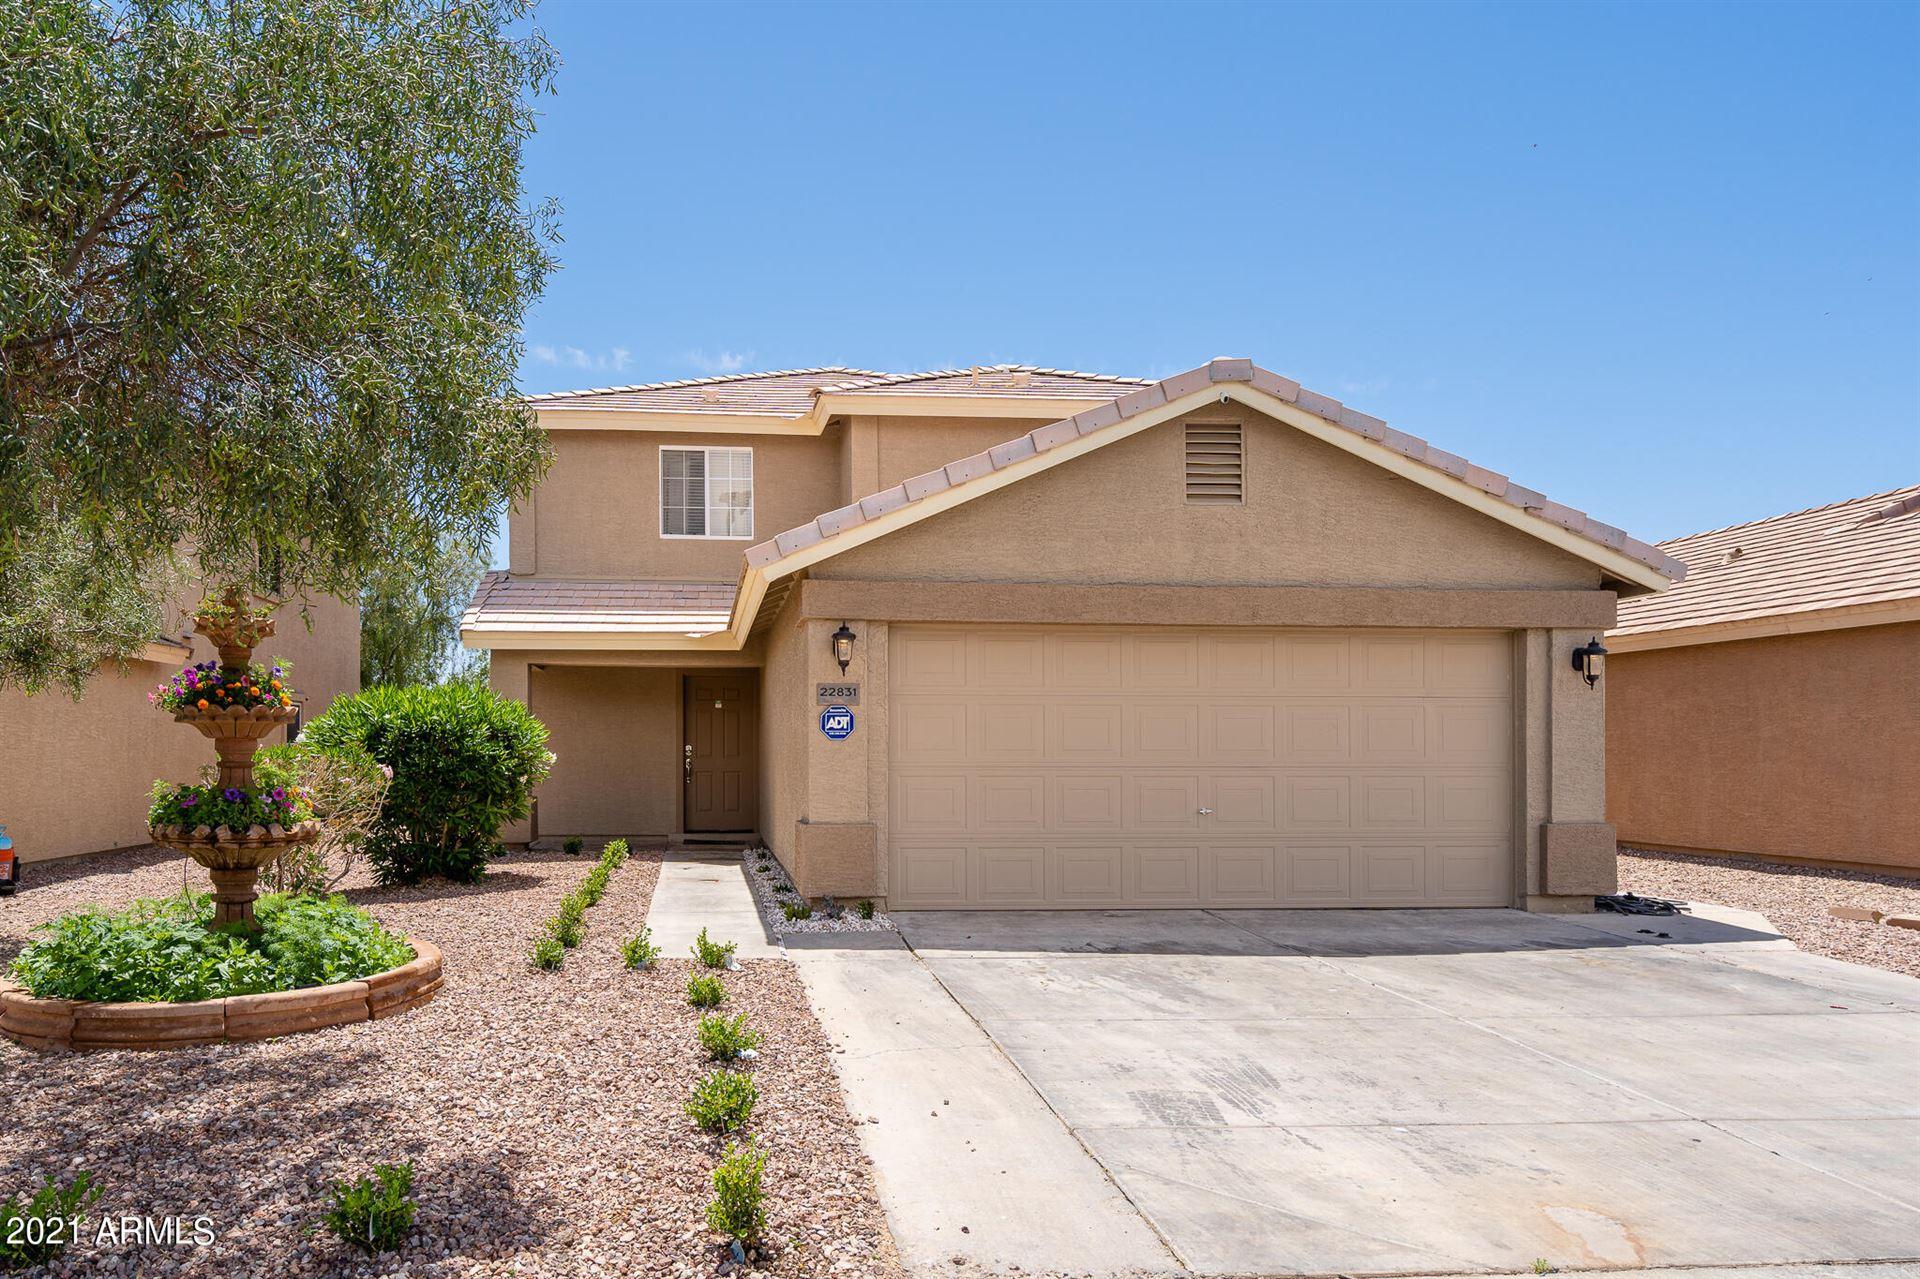 Photo of 22831 W GARDENIA Drive, Buckeye, AZ 85326 (MLS # 6232202)